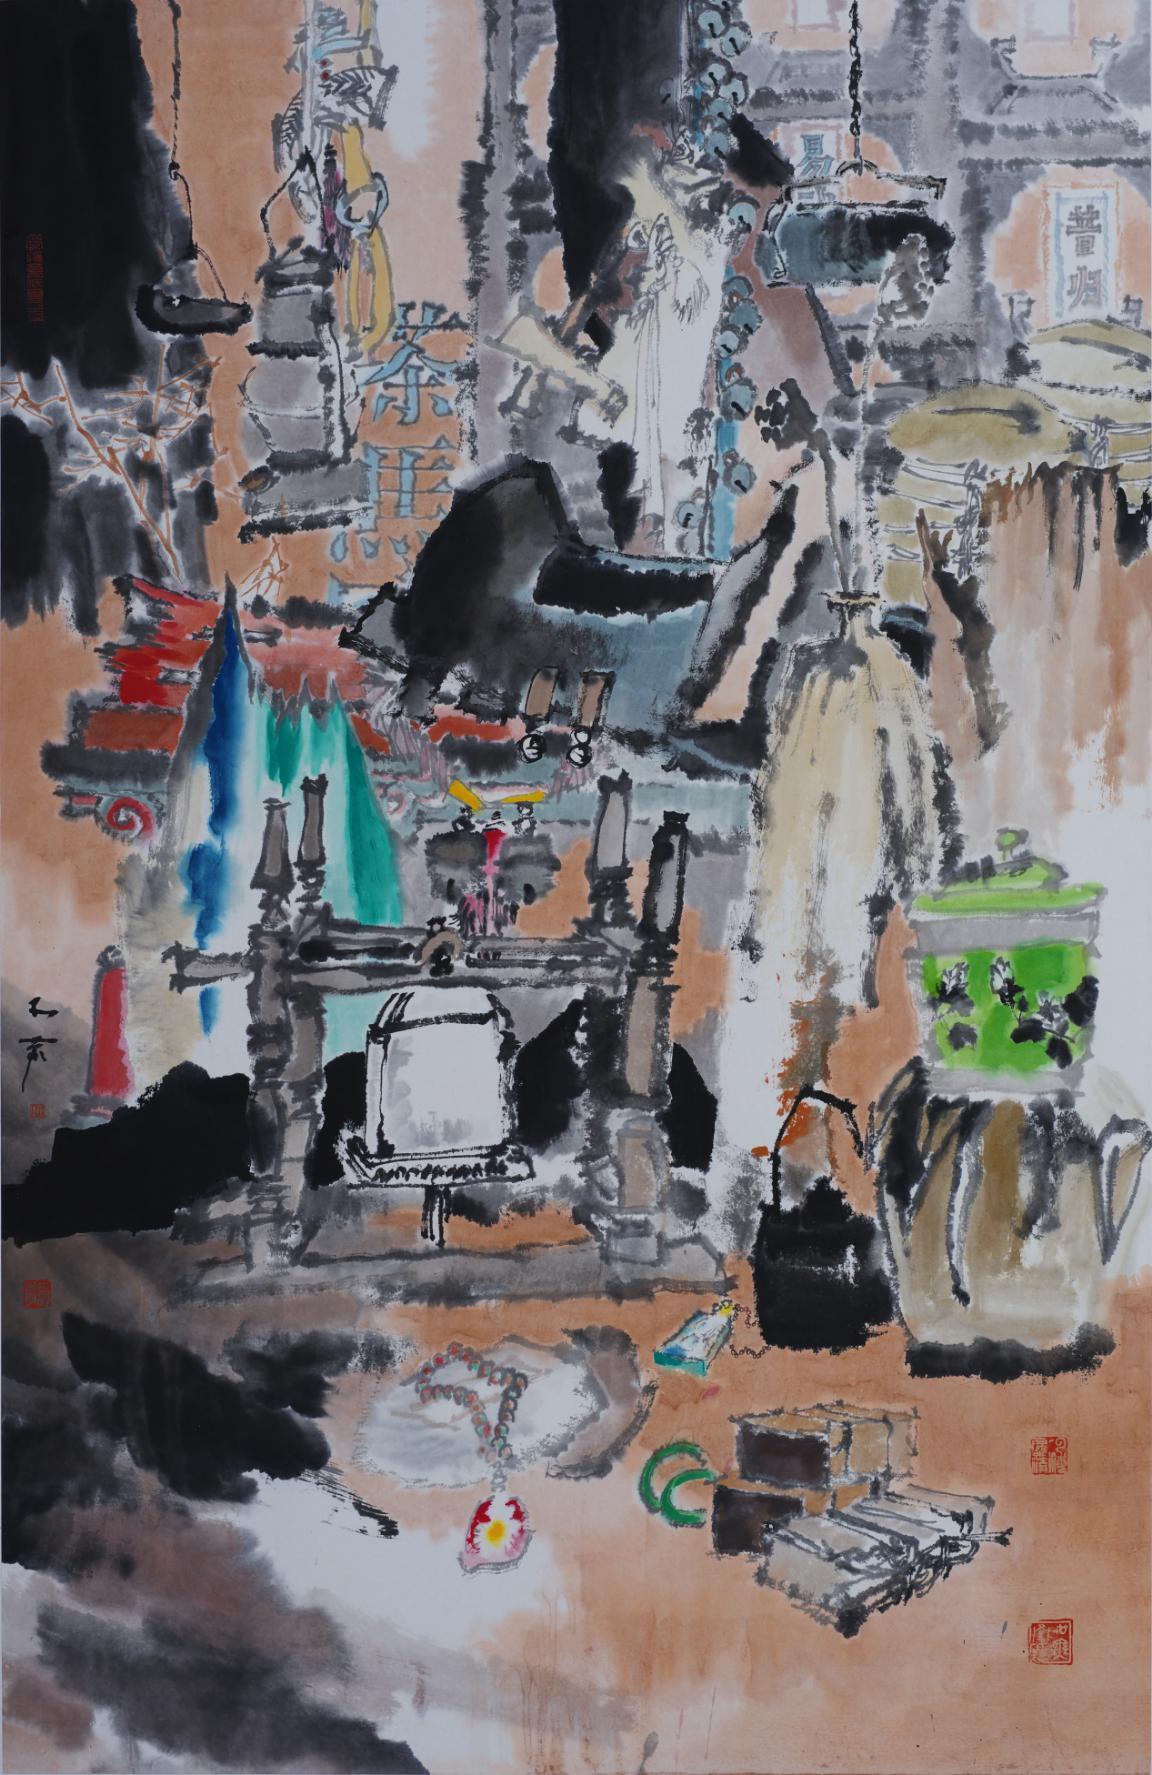 西徂二十载 携画回贵州 ――陈航中国画作品展在贵州美术院开幕